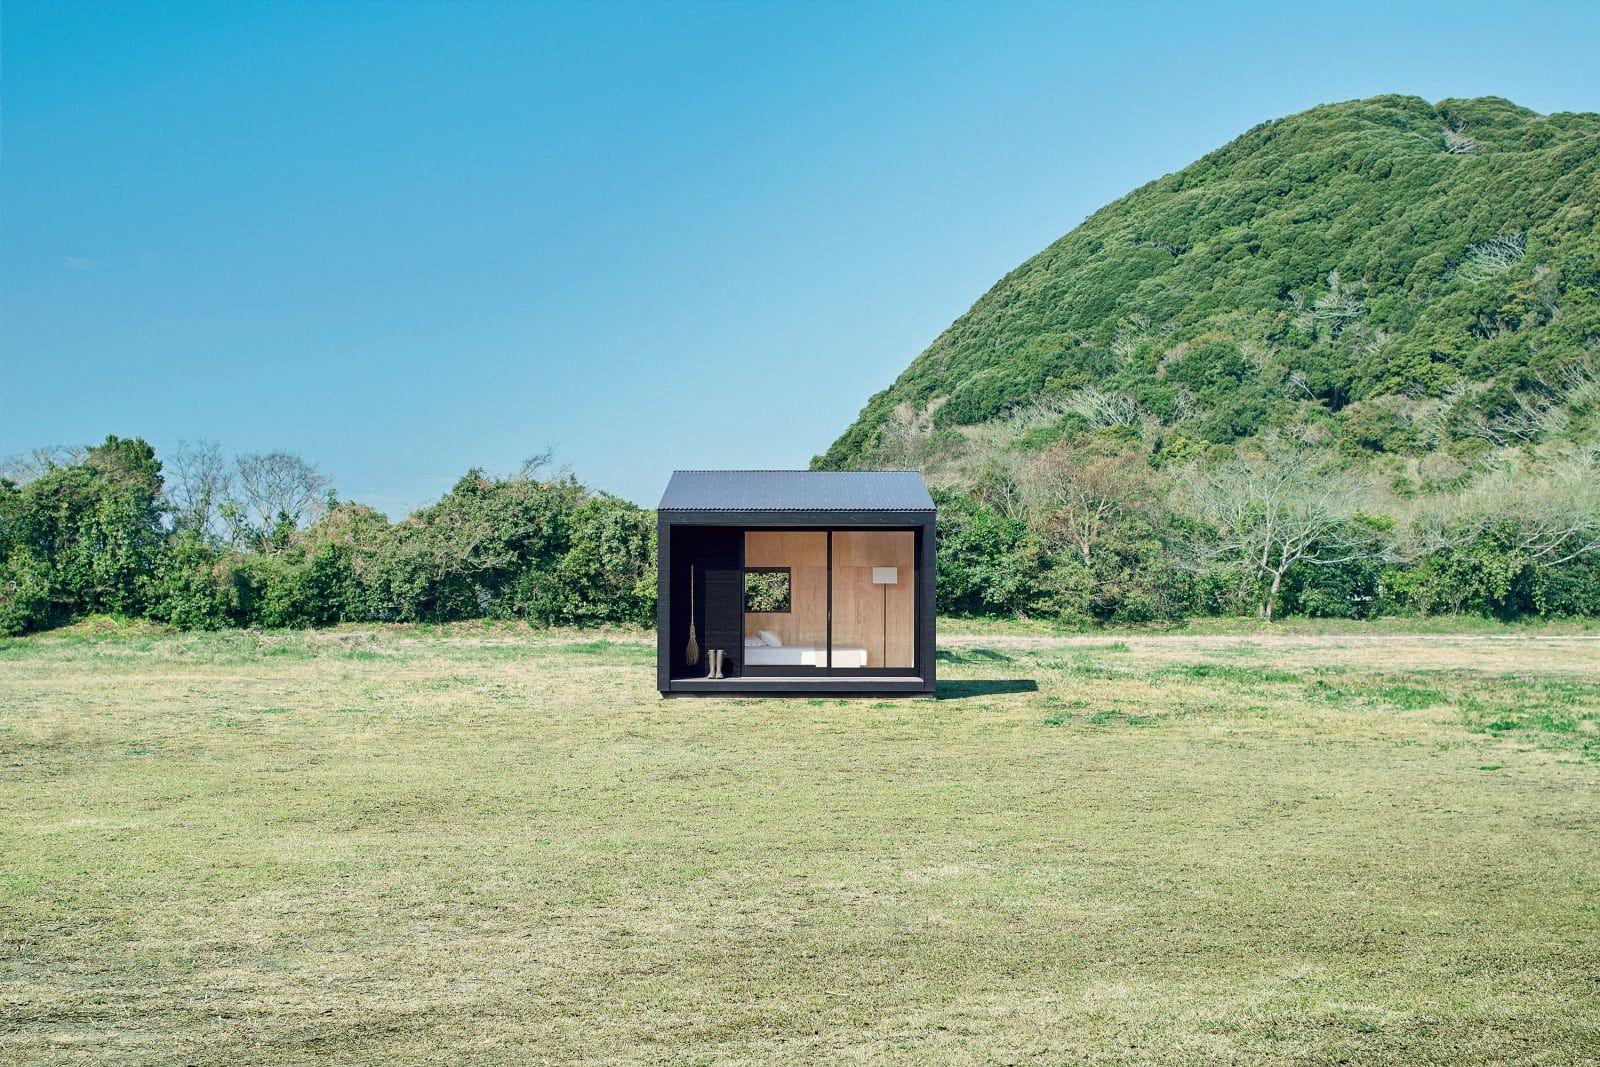 Muji Hut | Future Chill Laboratory | Pinterest | Muji hut, Muji and ...